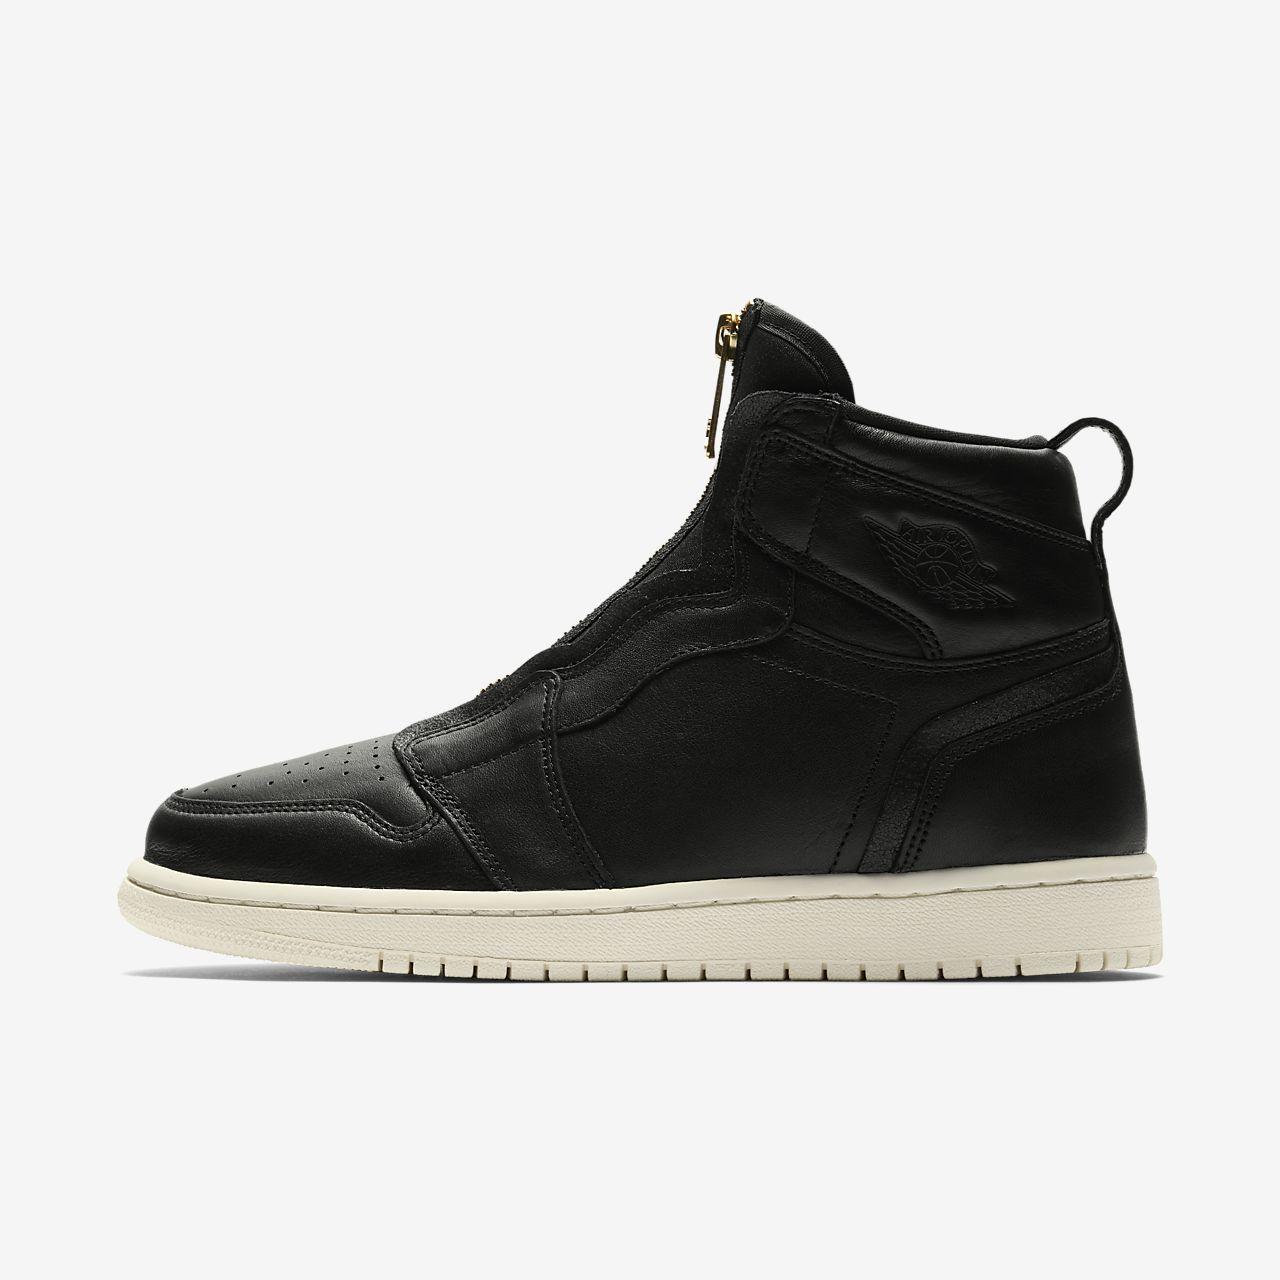 magasin en ligne ef6de 09ddf Chaussure Air Jordan 1 High Zip pour Femme